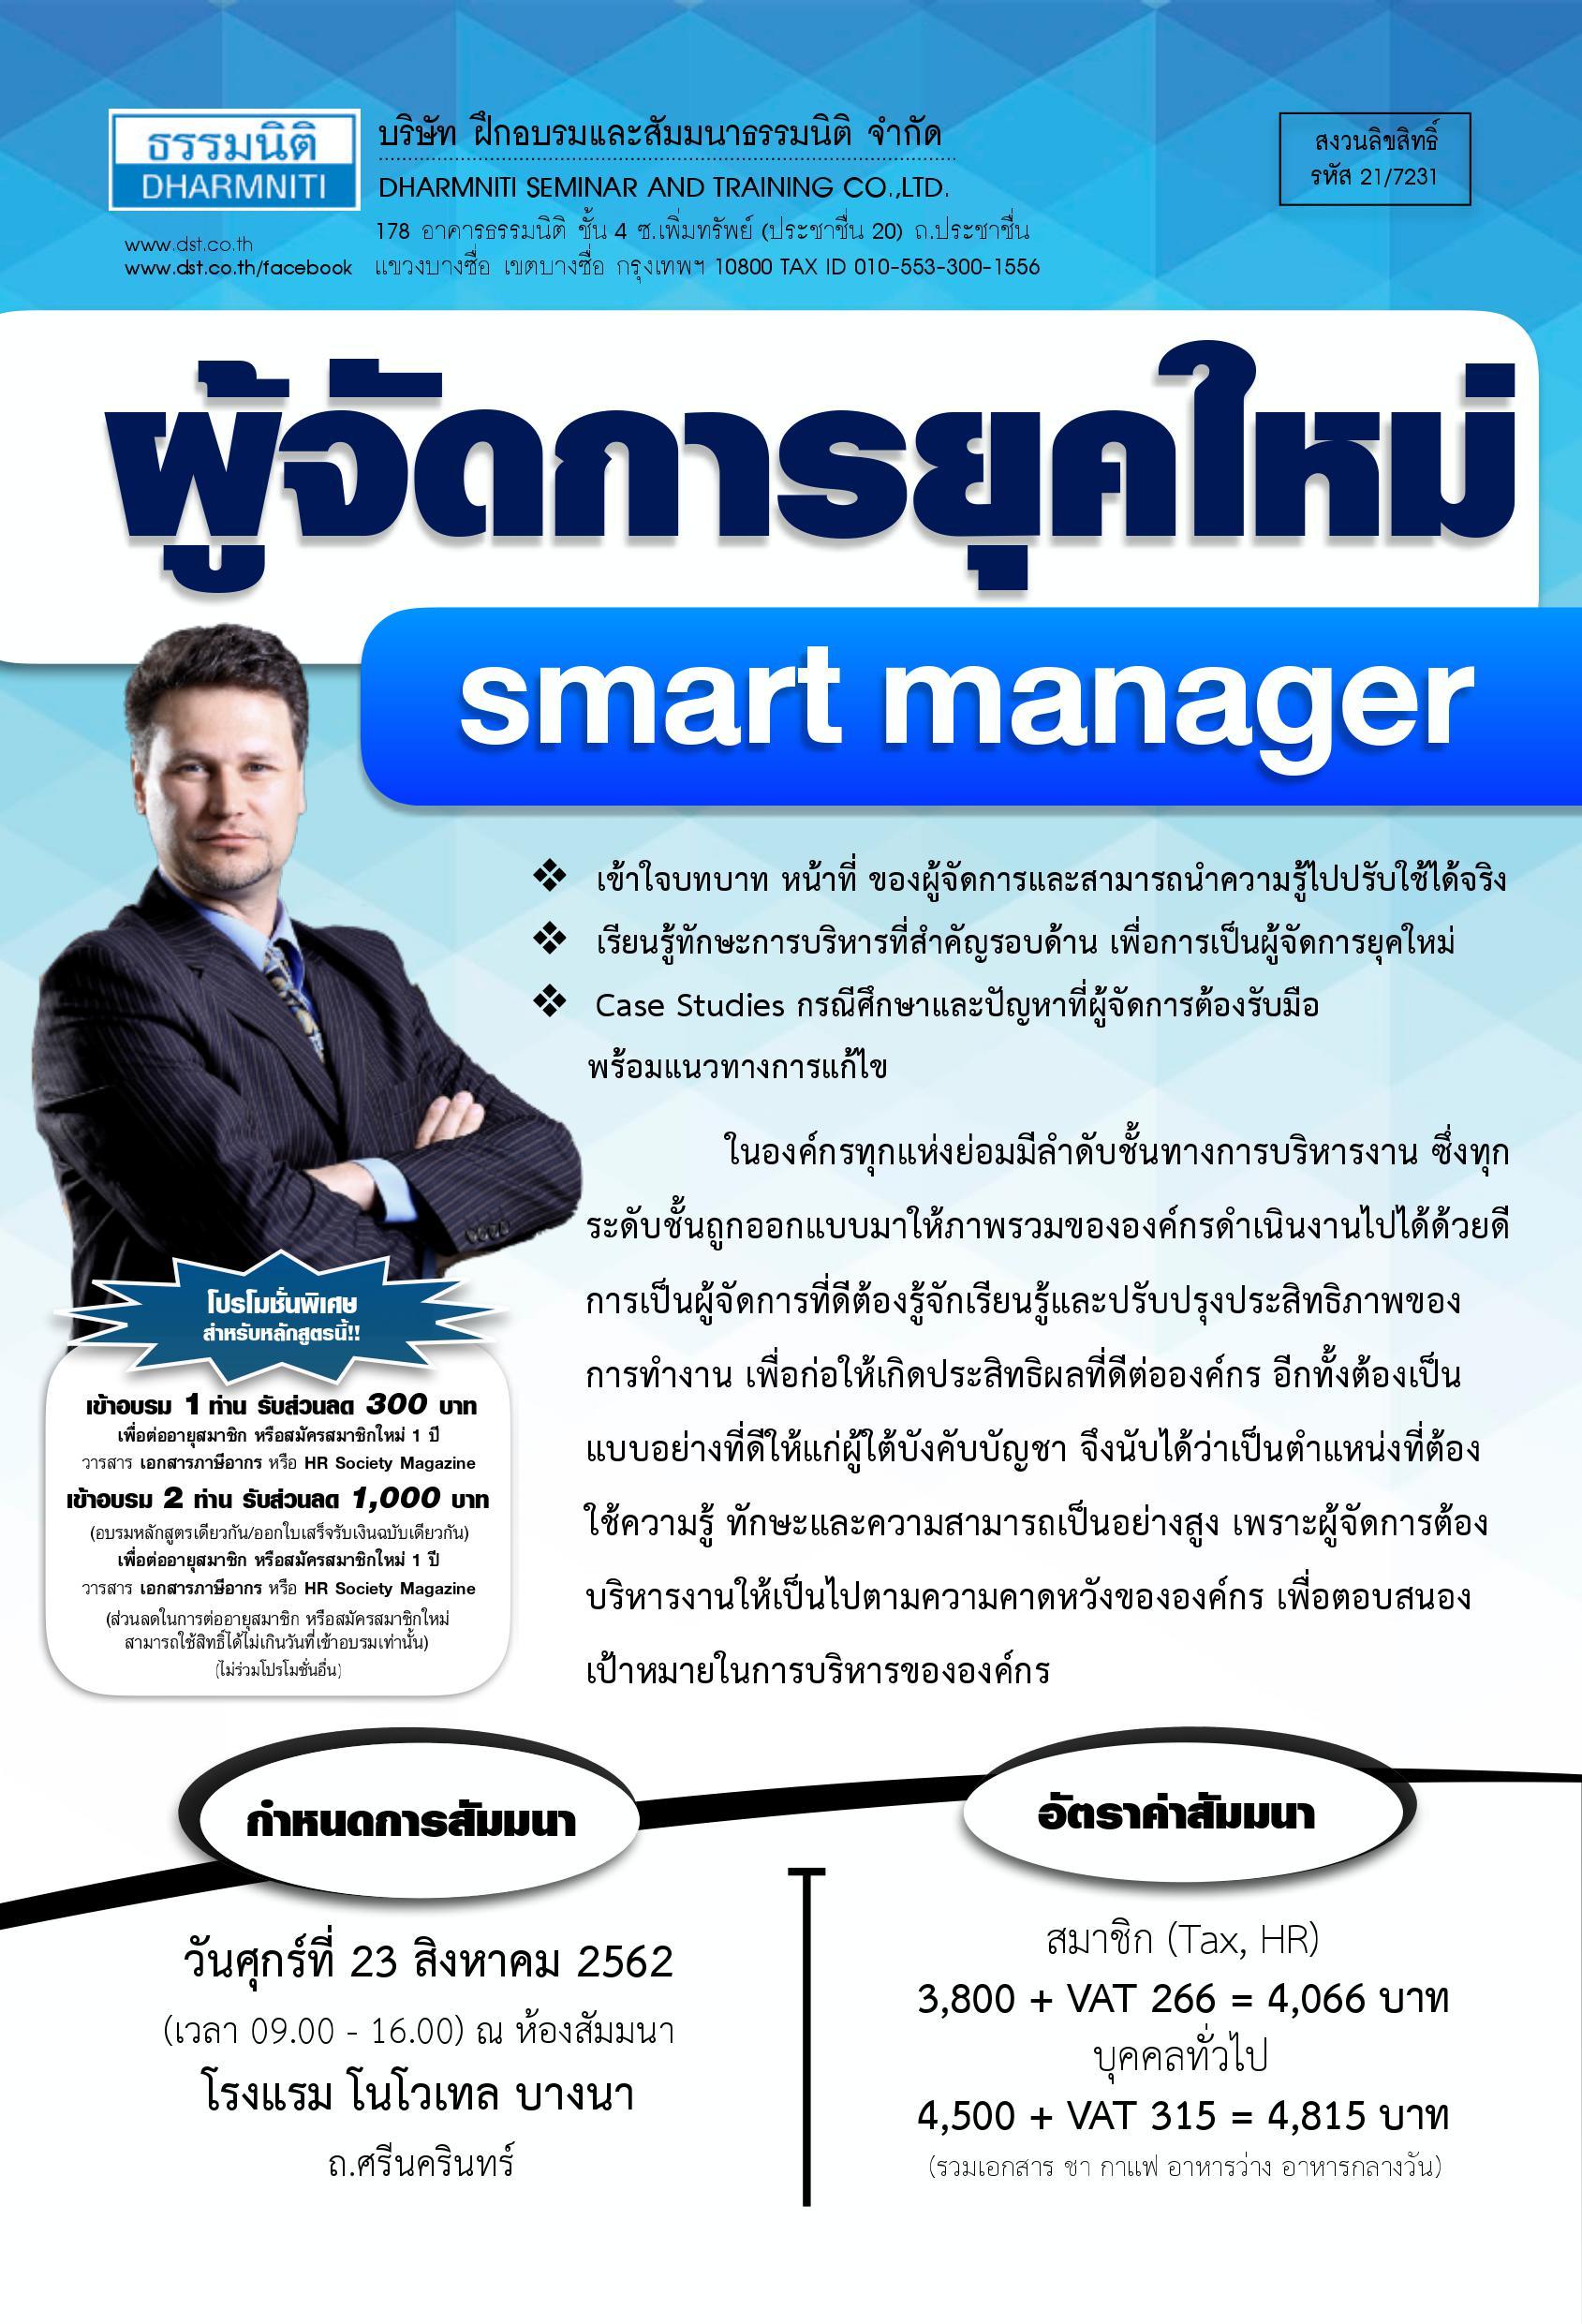 ผู้จัดการยุคใหม่ Smart Manager (หลักสูตรใหม่2562)